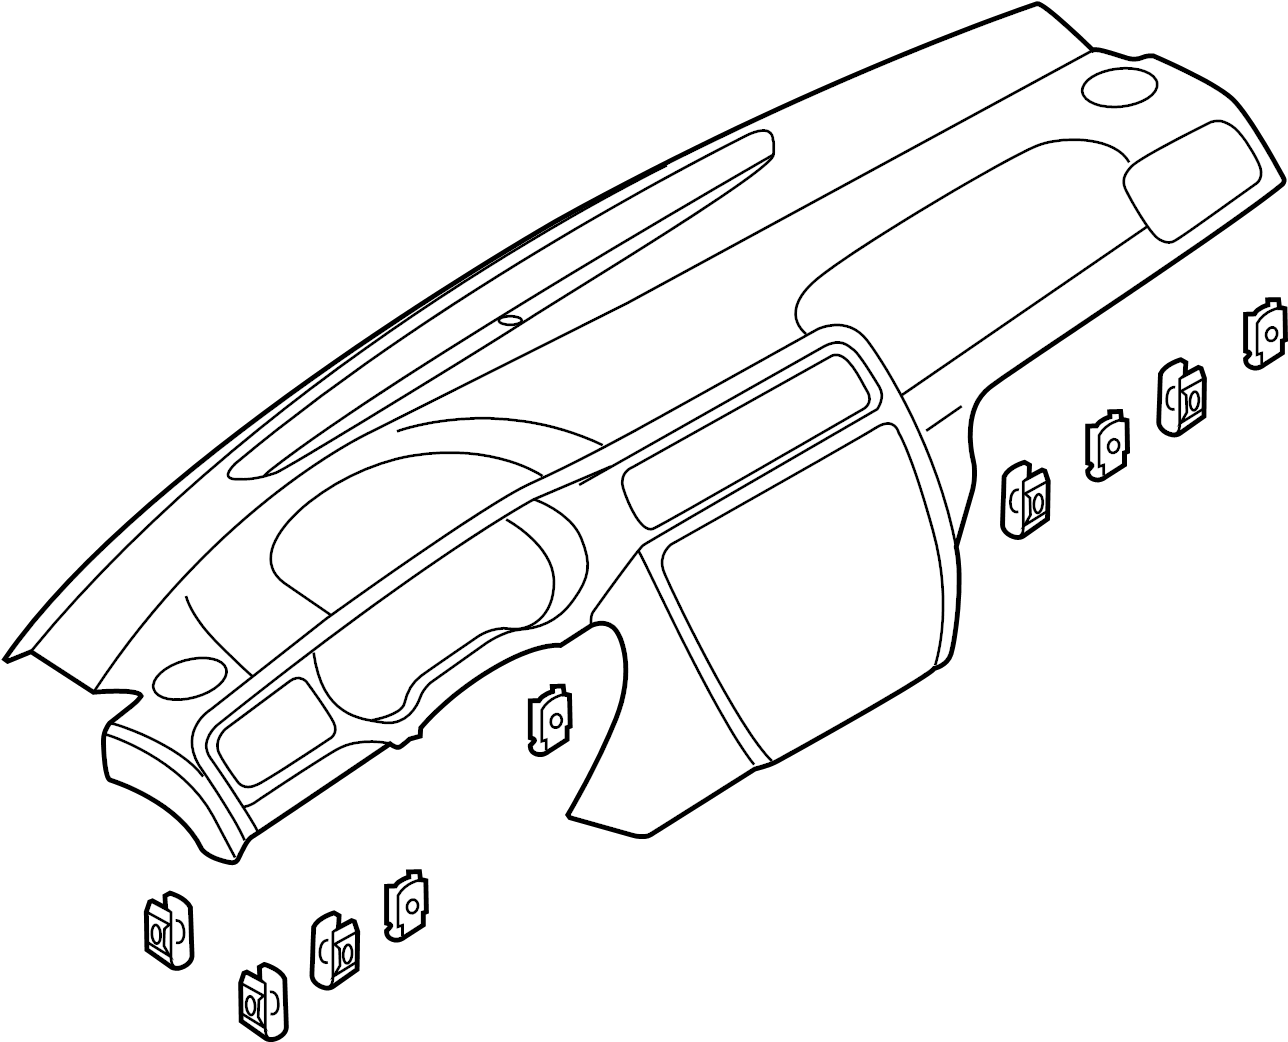 Volkswagen Jetta Dashboard Panel Instrument Make